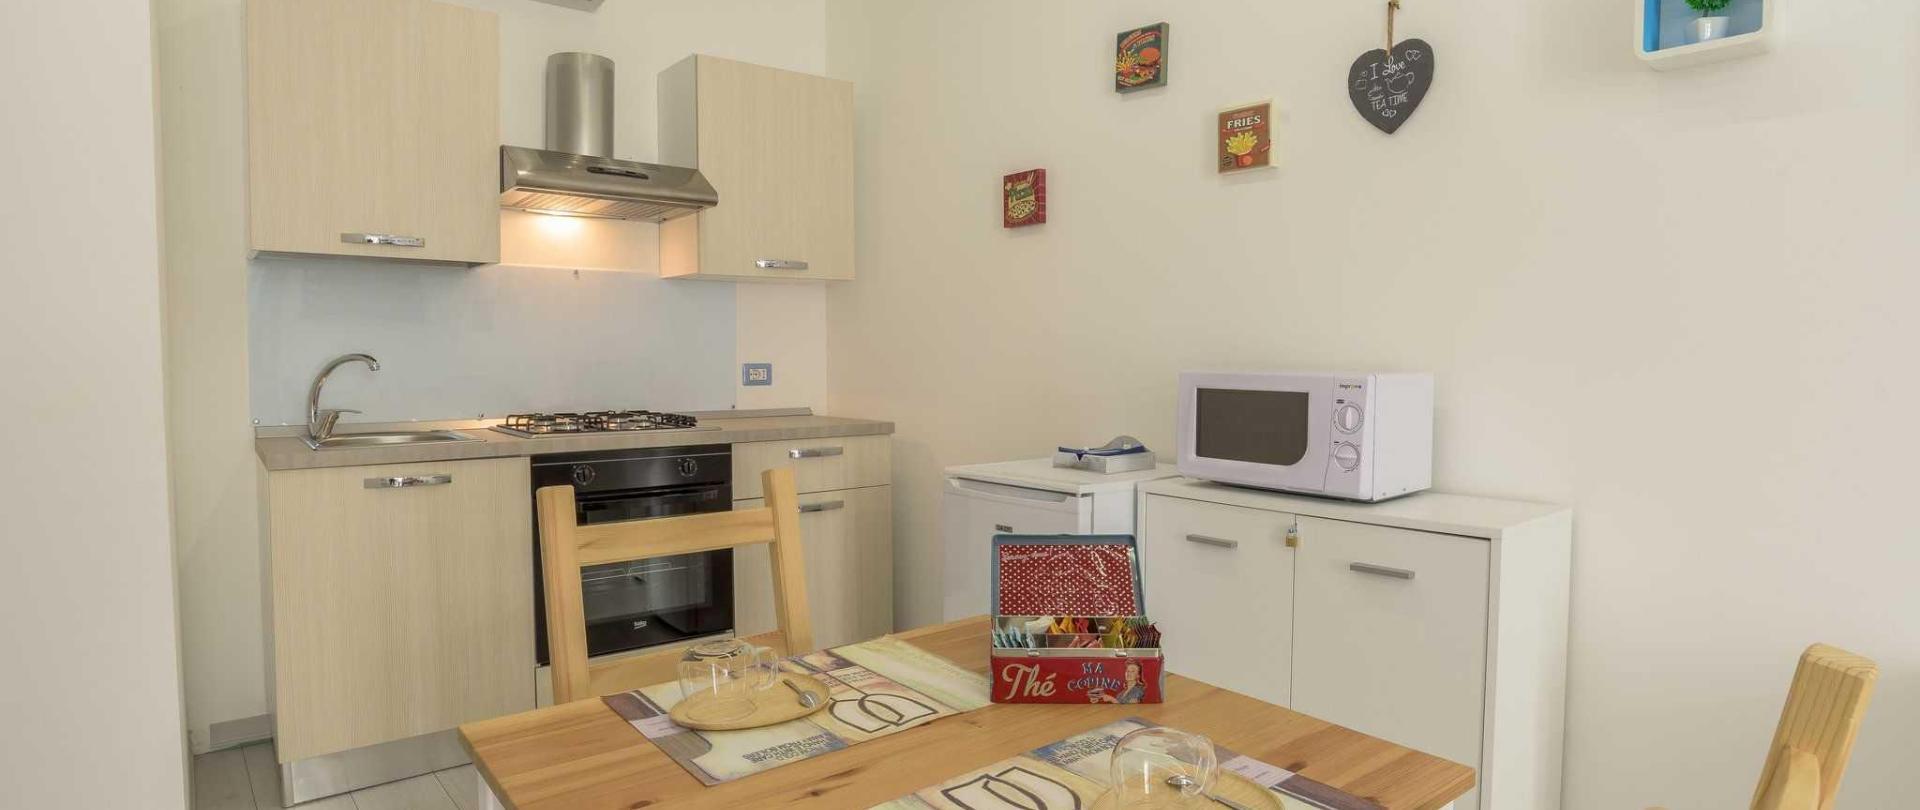 appartamenti-ragusa-21.jpg